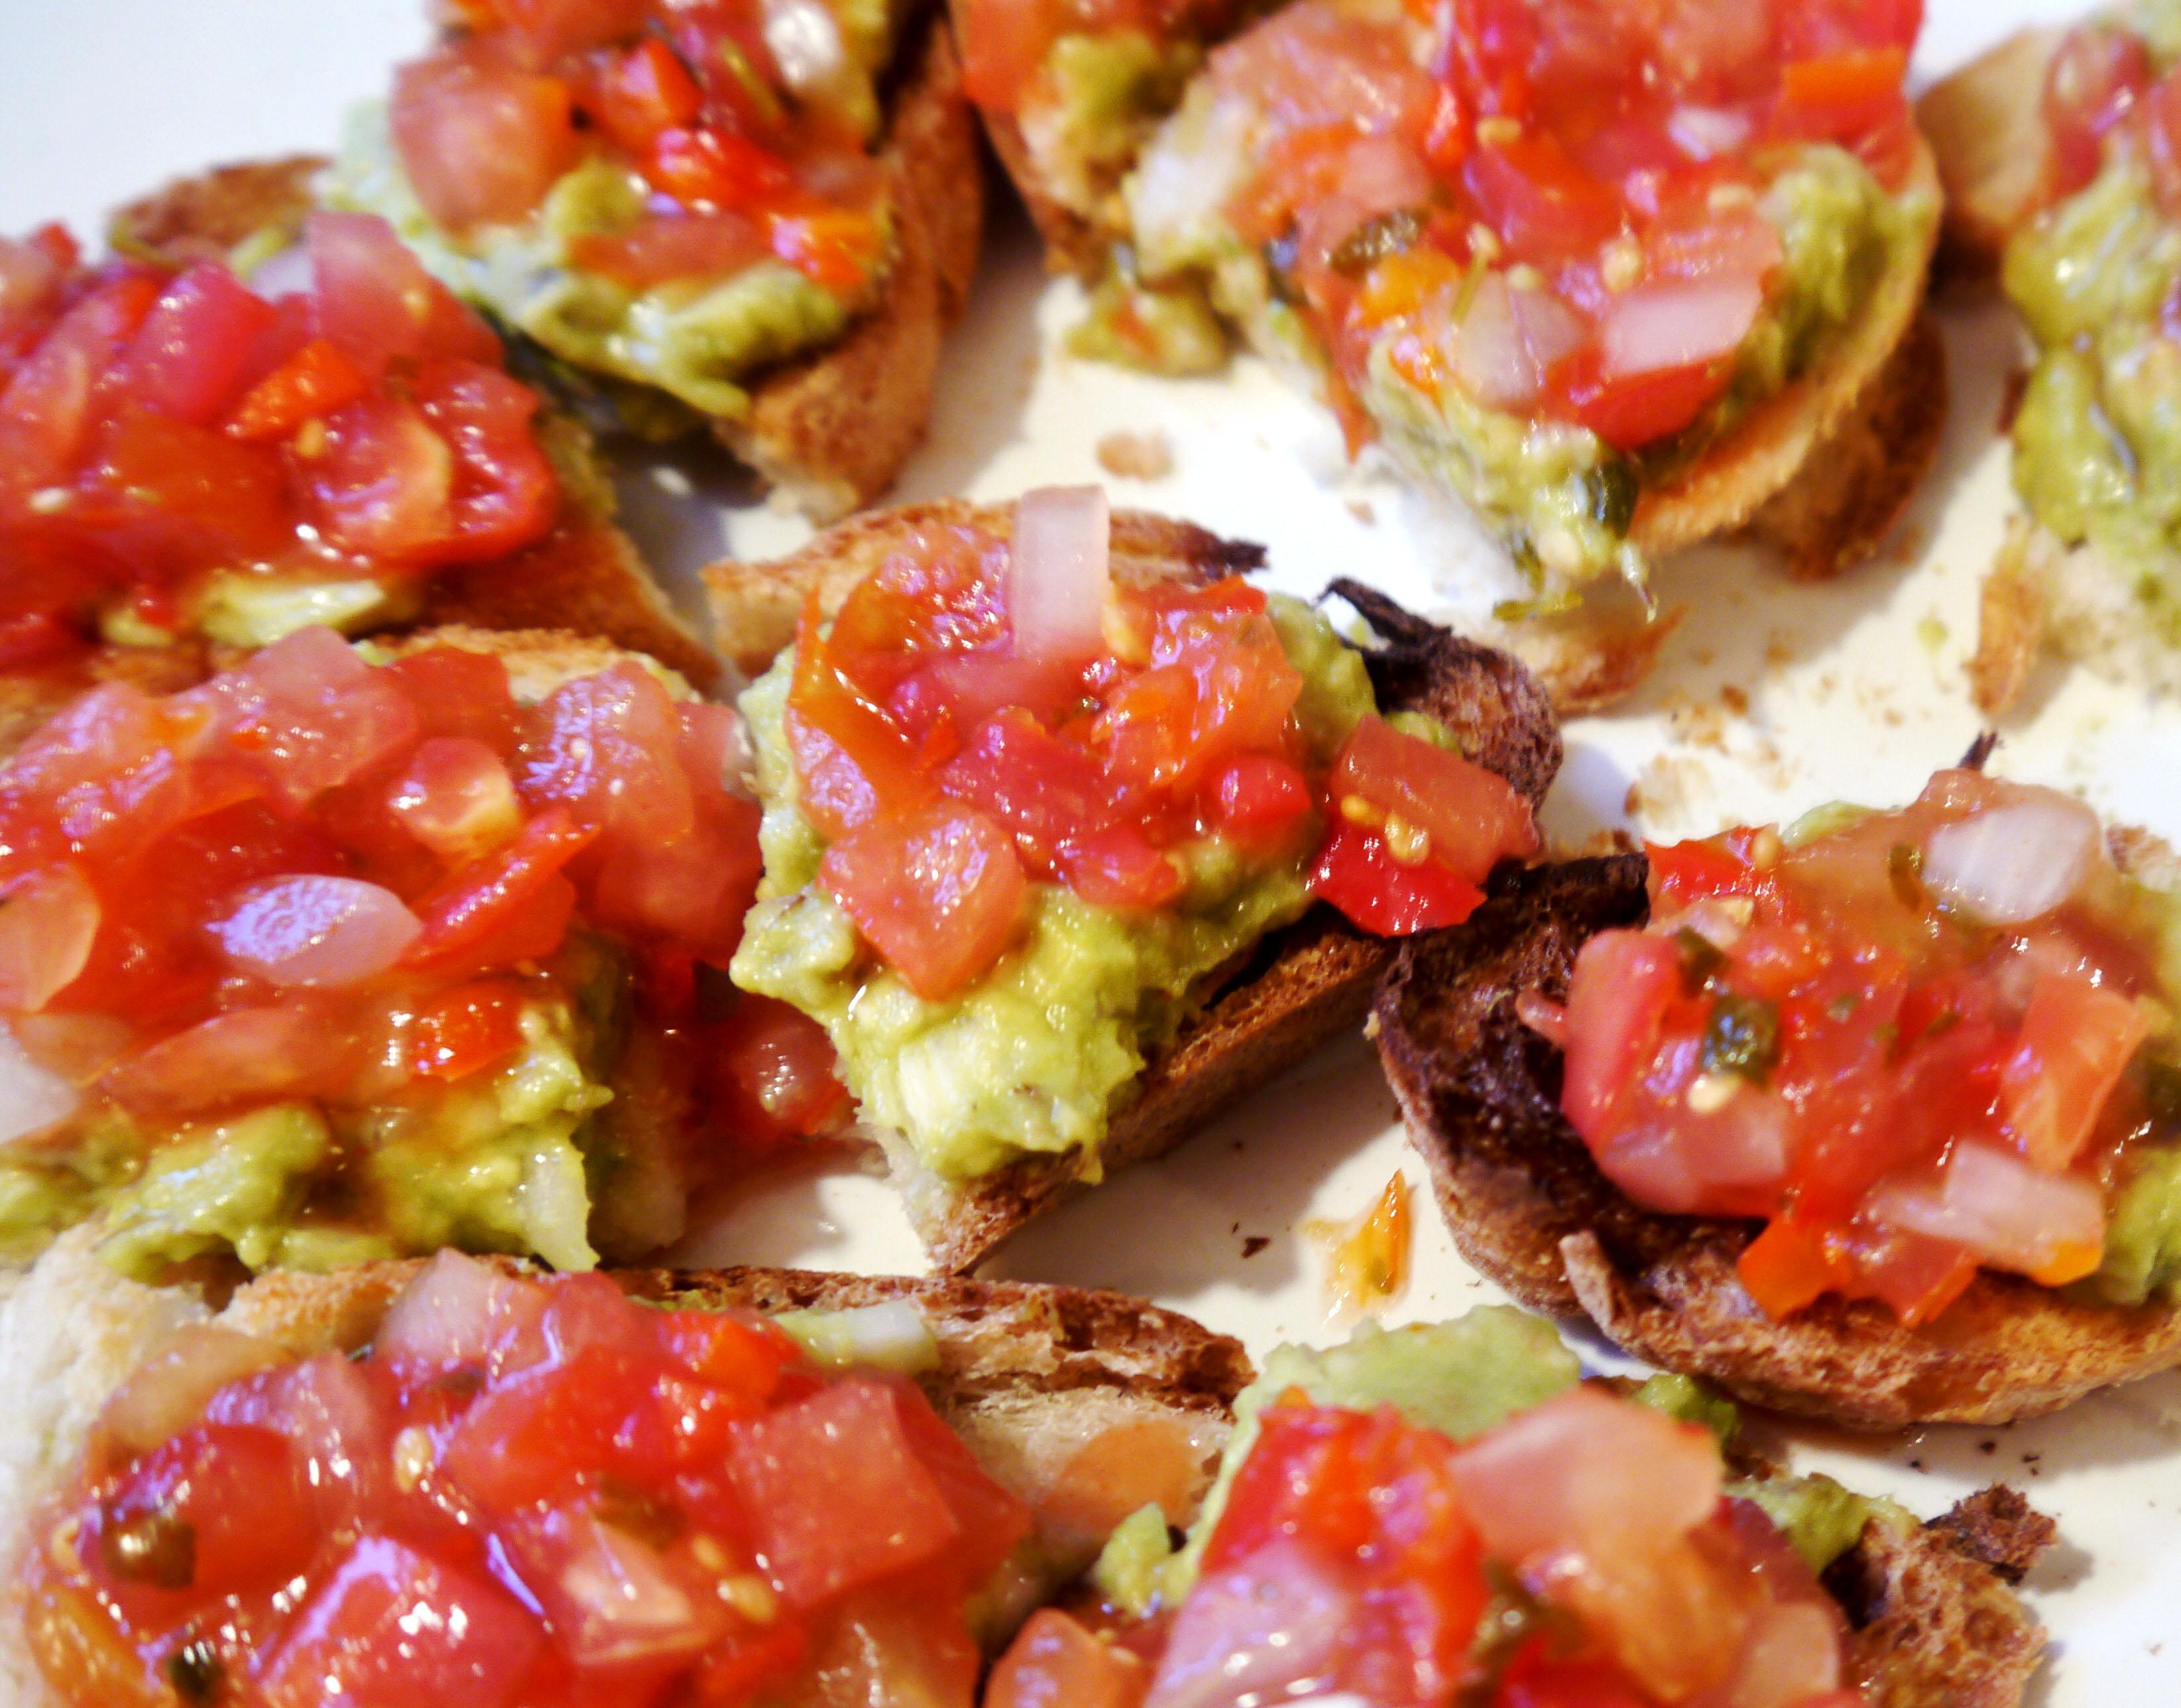 Crostini with salsa